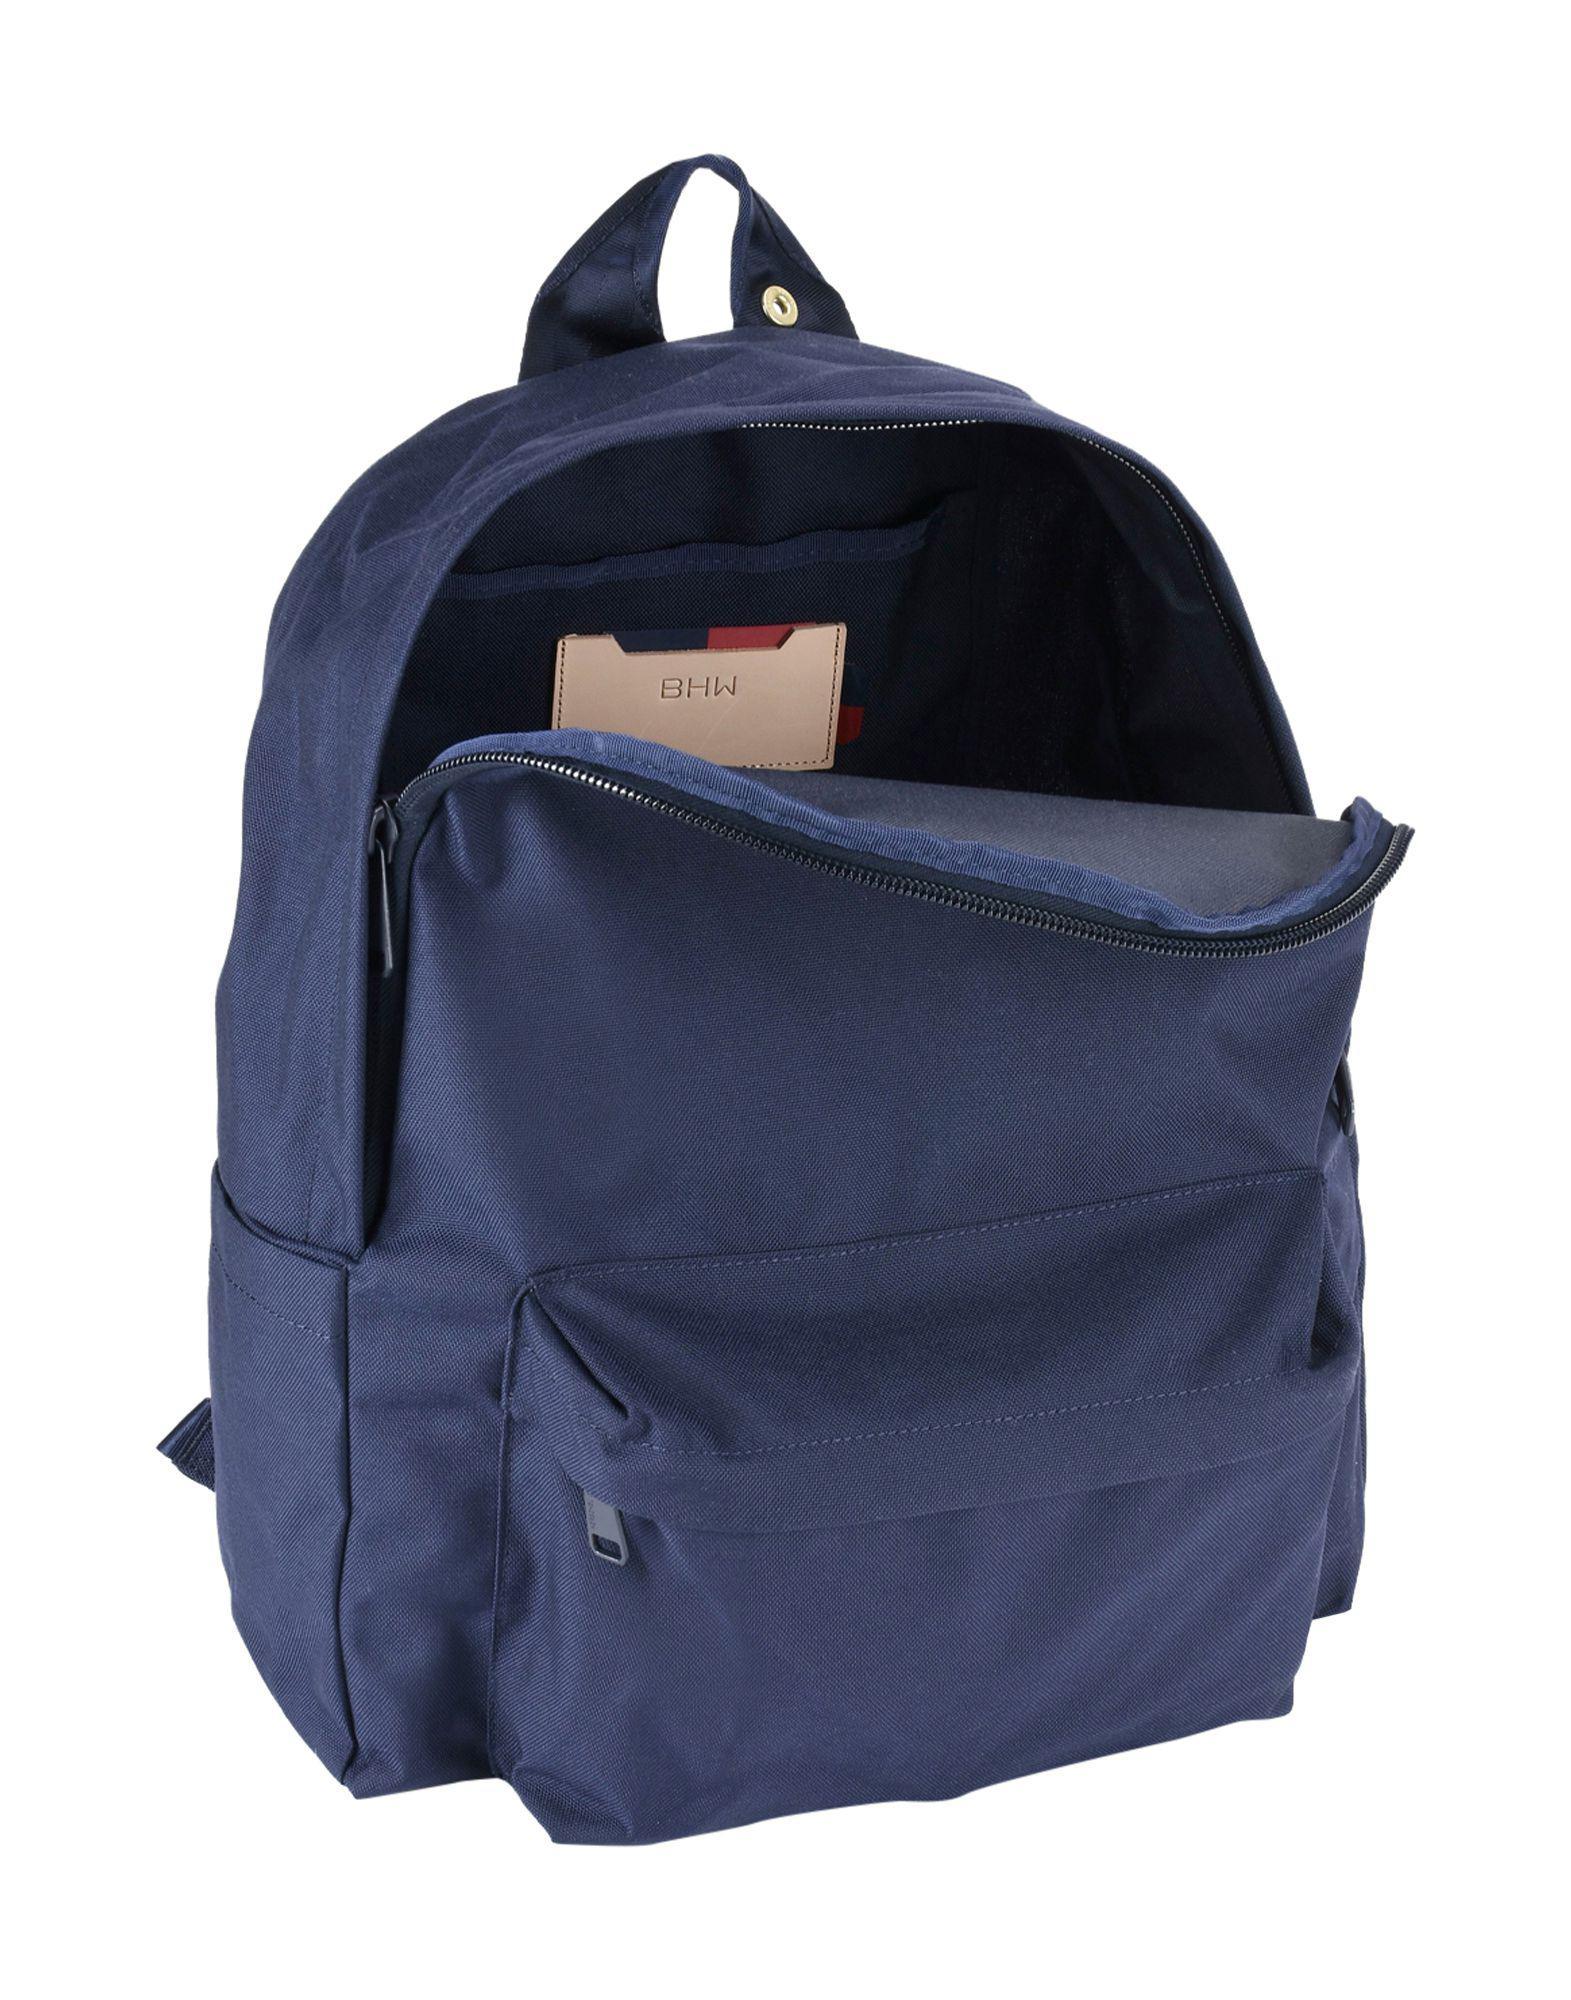 9307792e381 Lyst - Sacs à dos et bananes Herschel Supply Co. en coloris Bleu